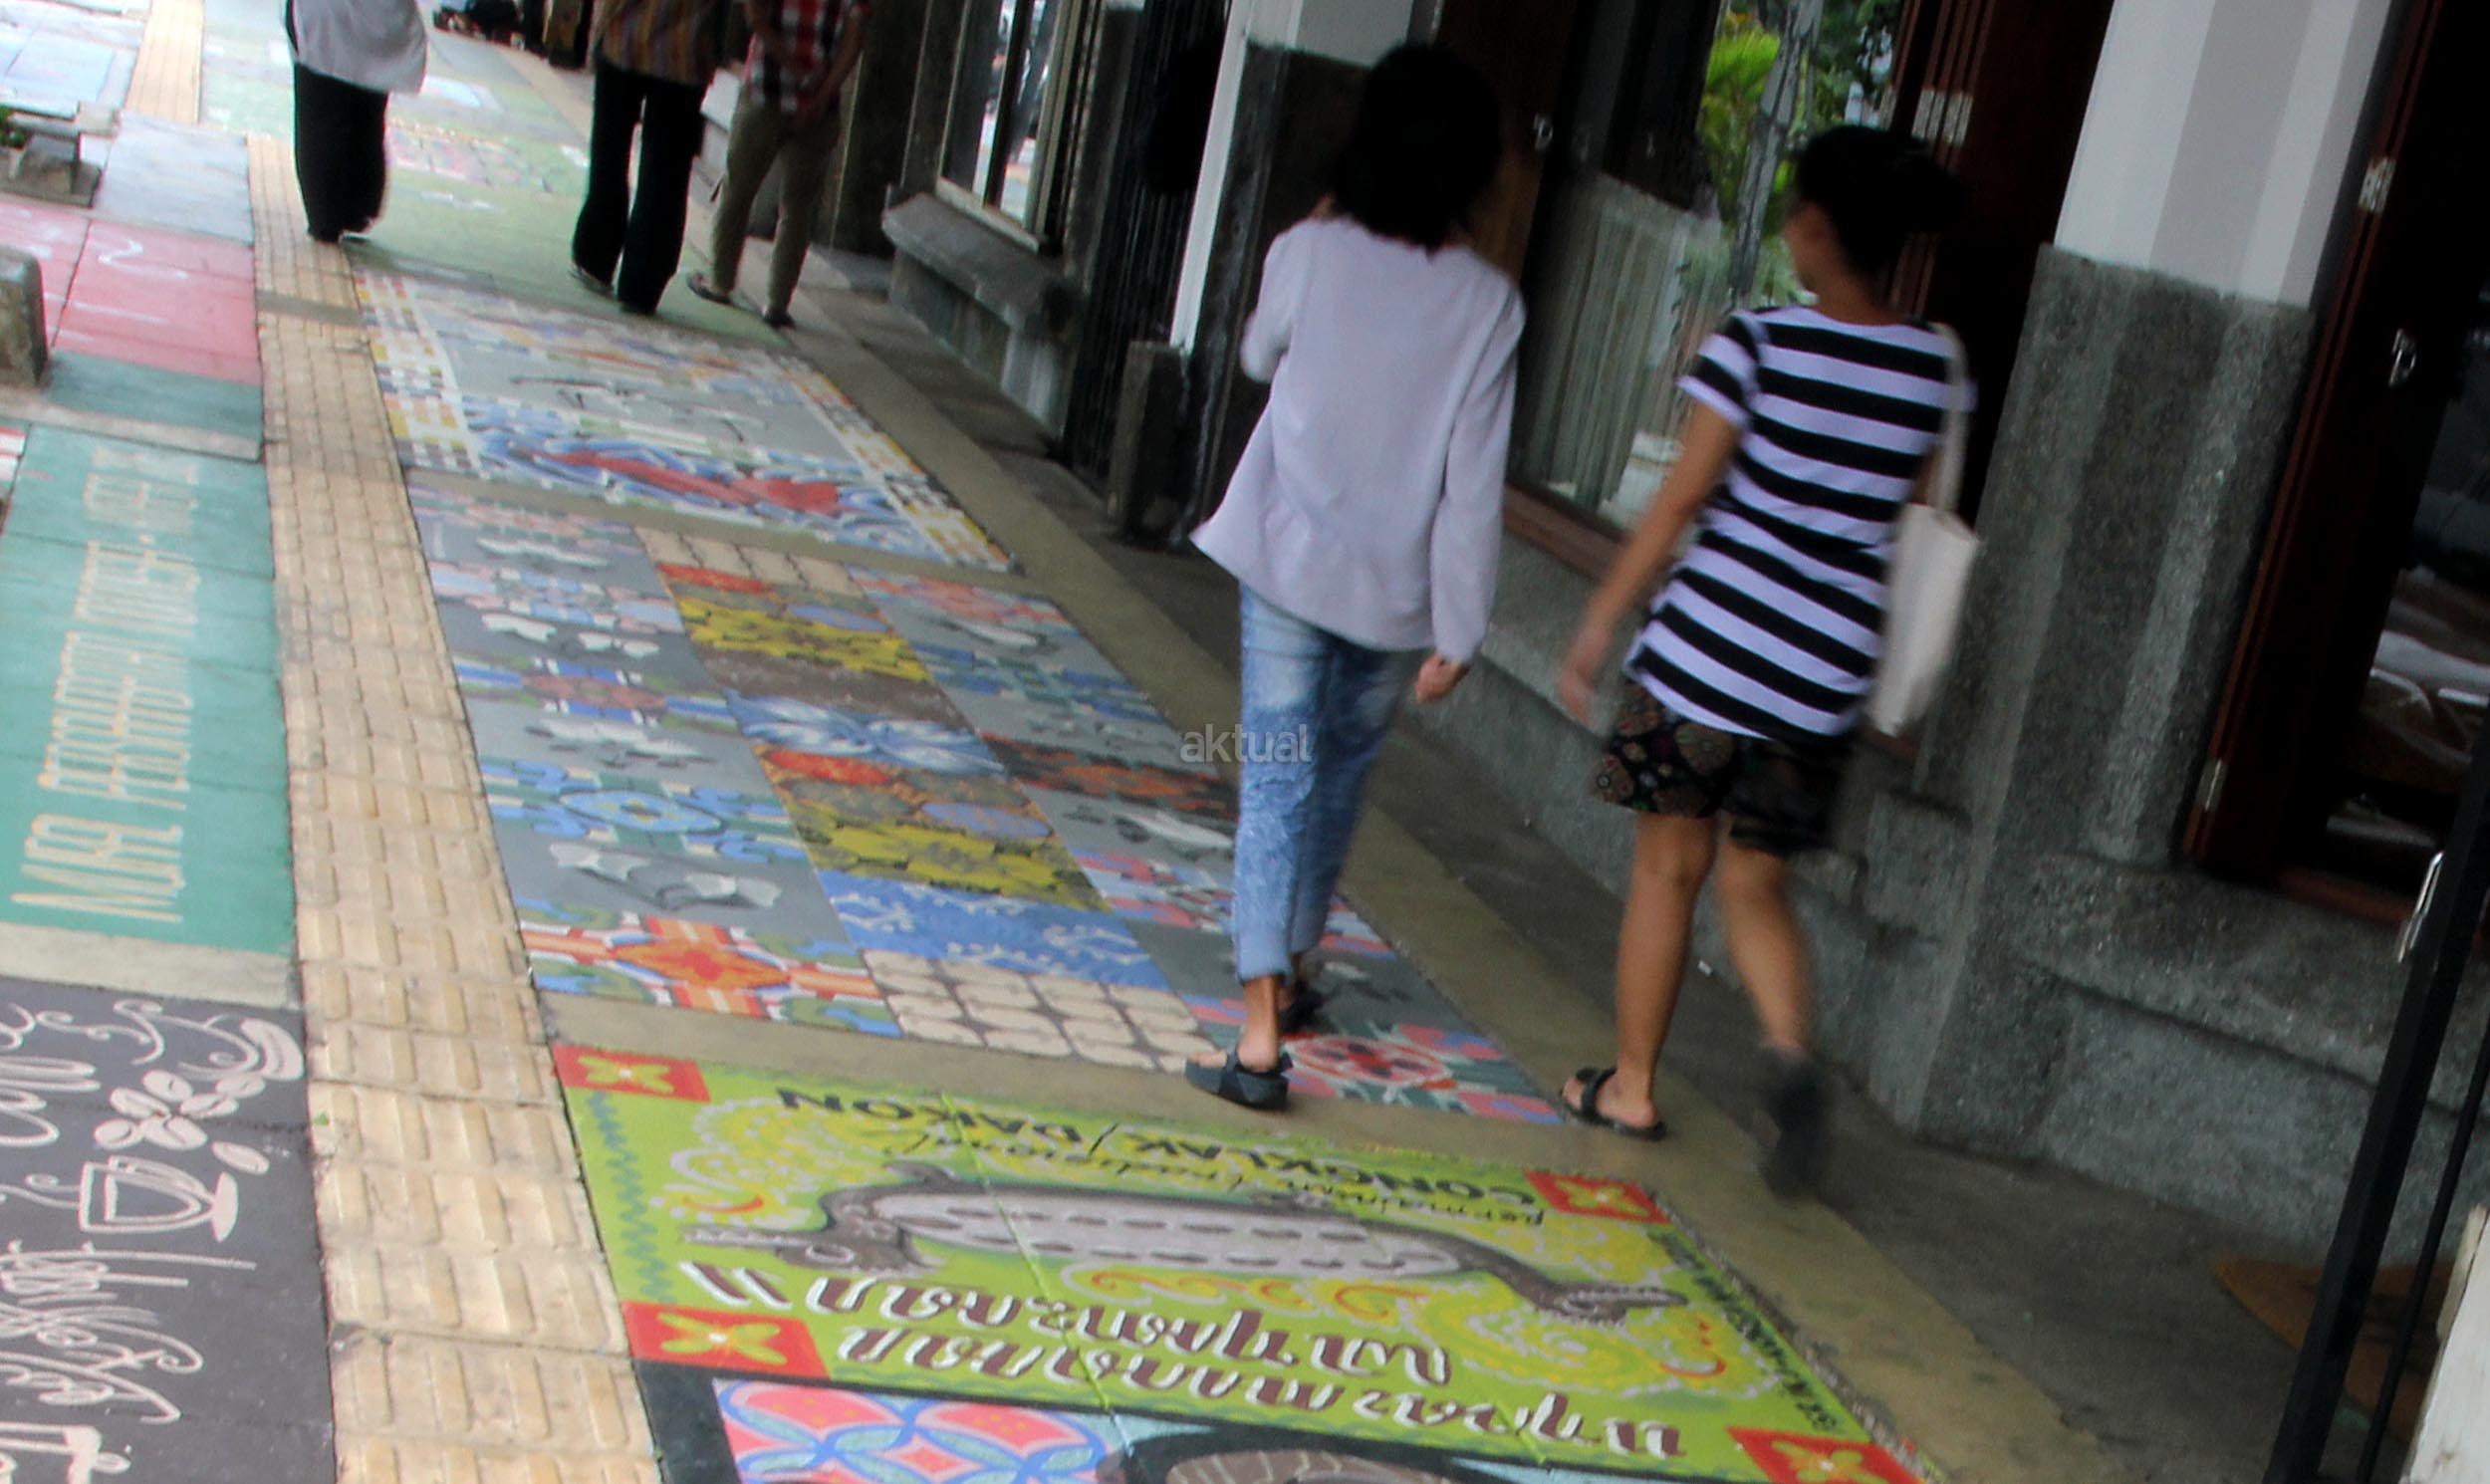 Mural menghiasi pedestarian di jalan cikini aktual com for Mural yang cantik